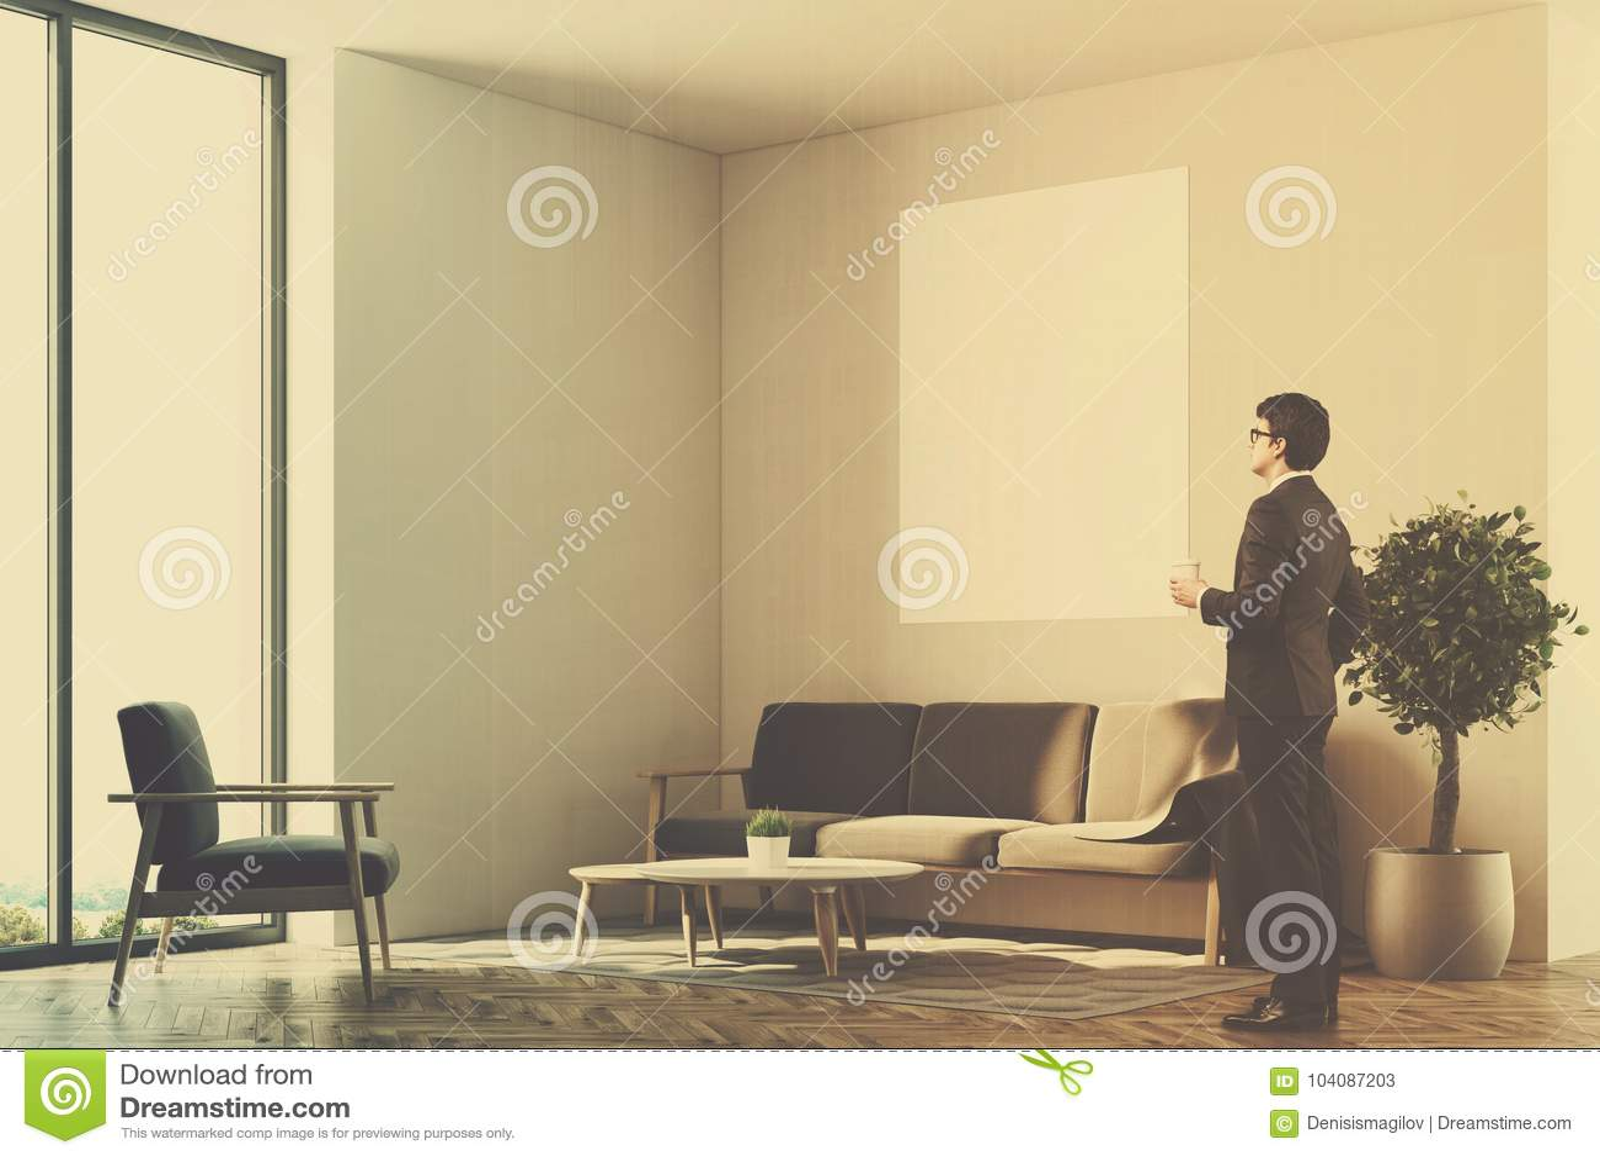 White Living Room, Sofa, Poster Side, Man Stock Illustration ...